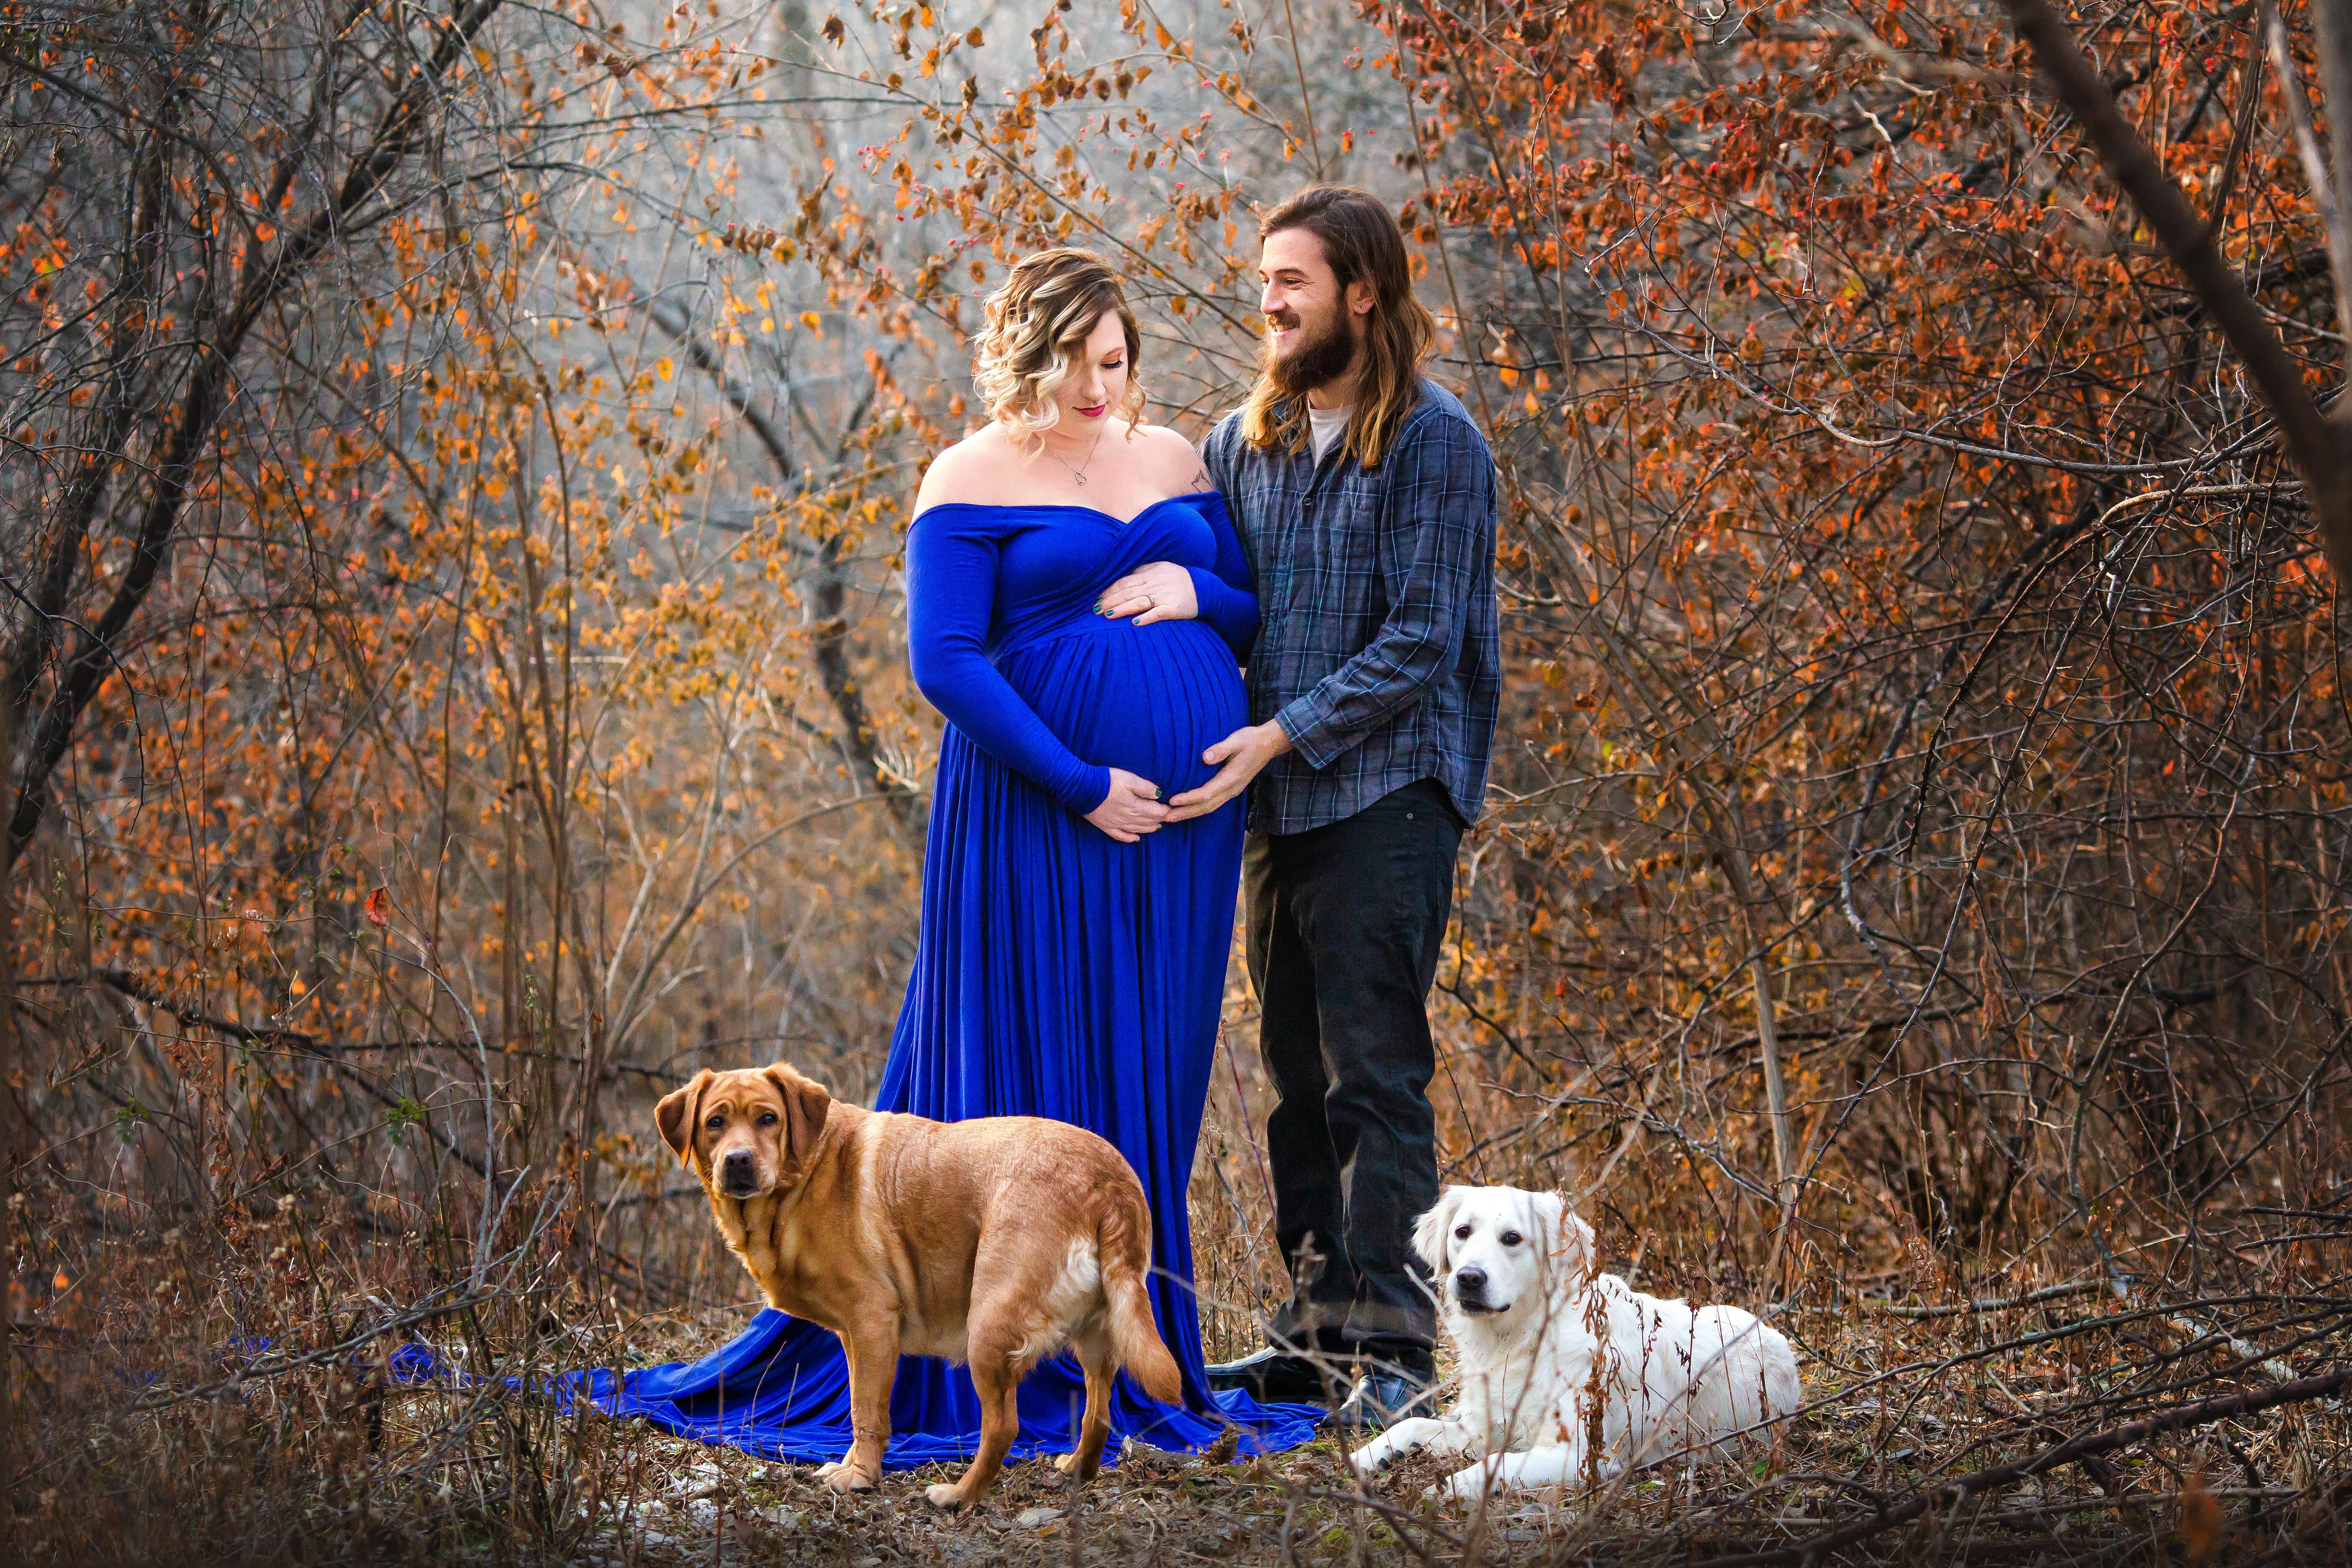 Cedar Rapids photographers